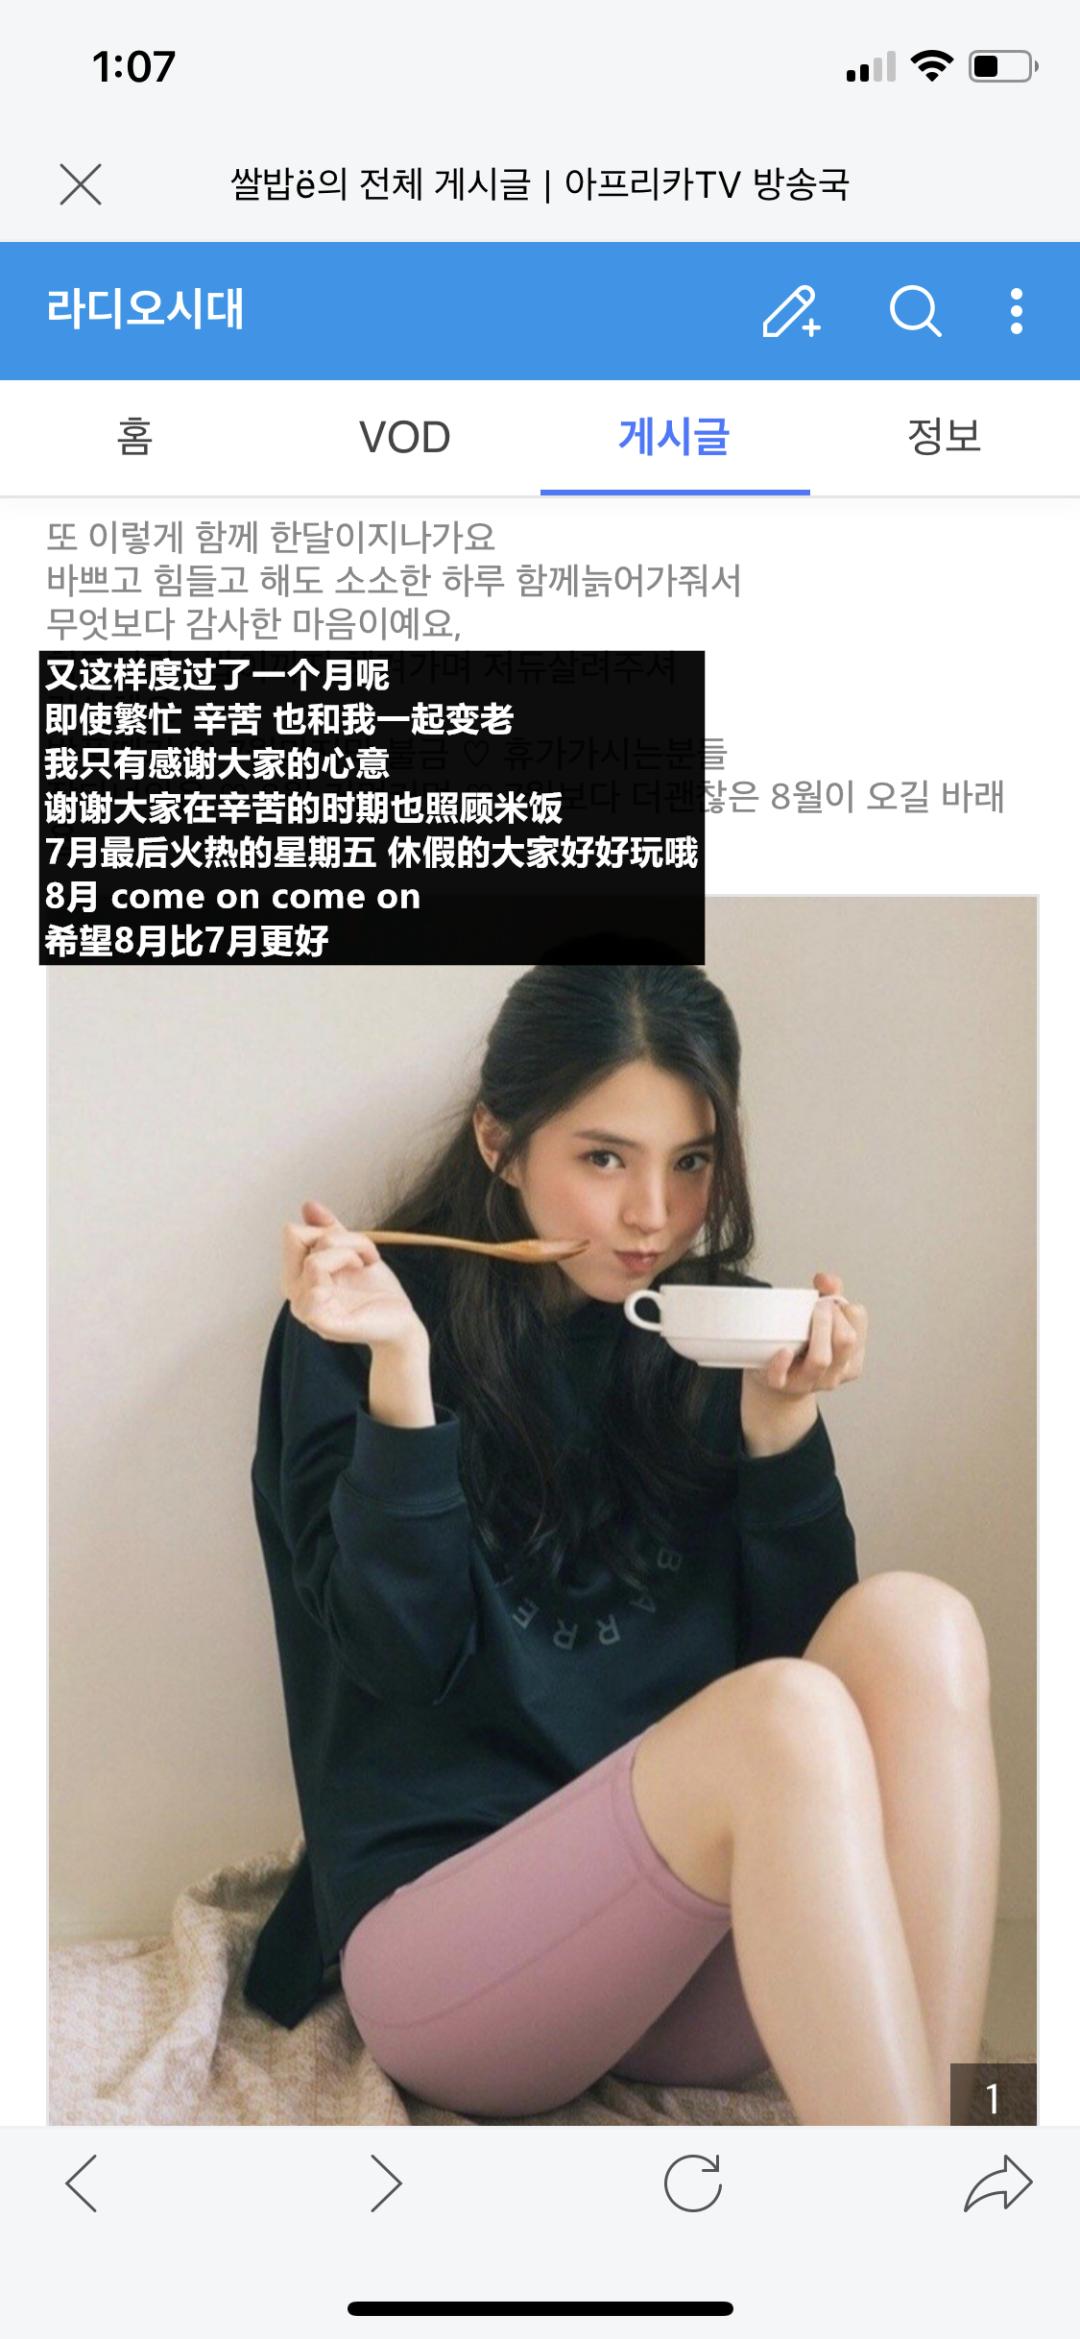 冒充南韩女神级演员开直播敛财?她究竟有没有做错...